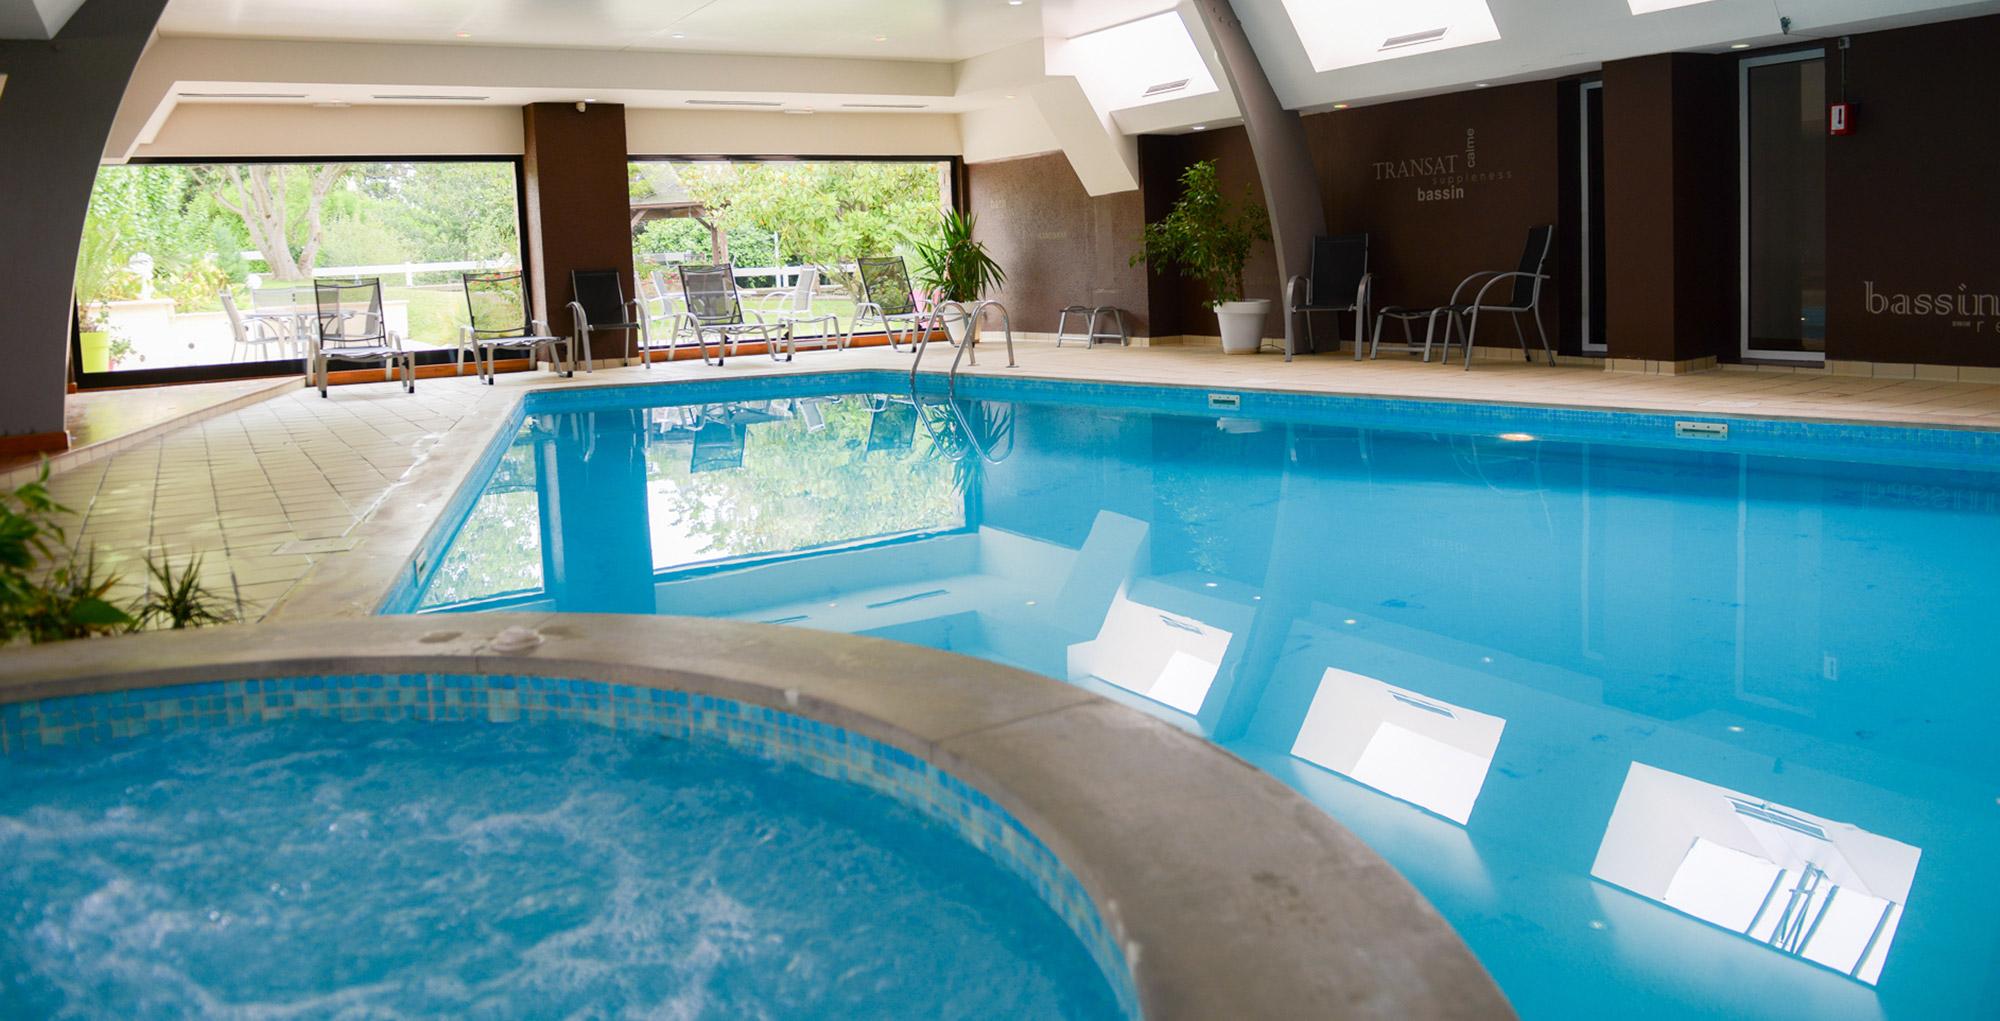 Spa à remous et piscine intérieure avec vue sur jardin paysager